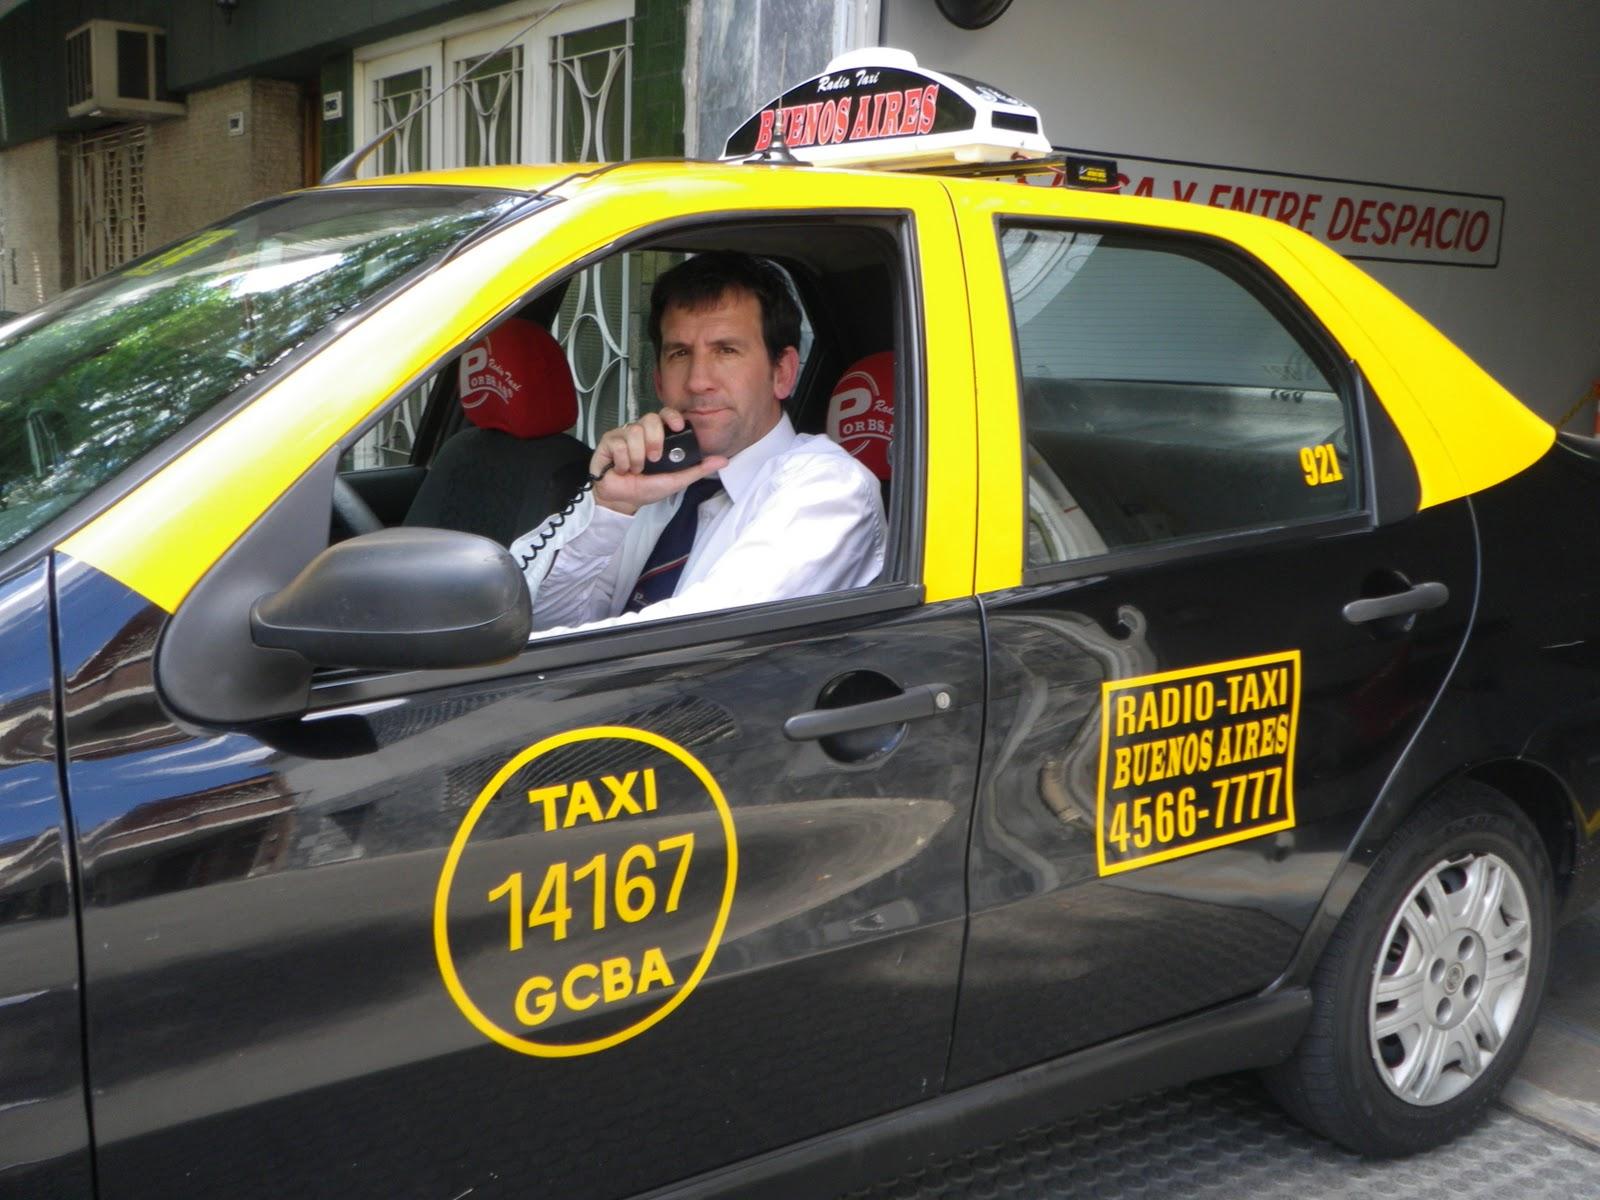 Etiquetas: Radio taxi buenos aires , taxi porteño , TAXISTA